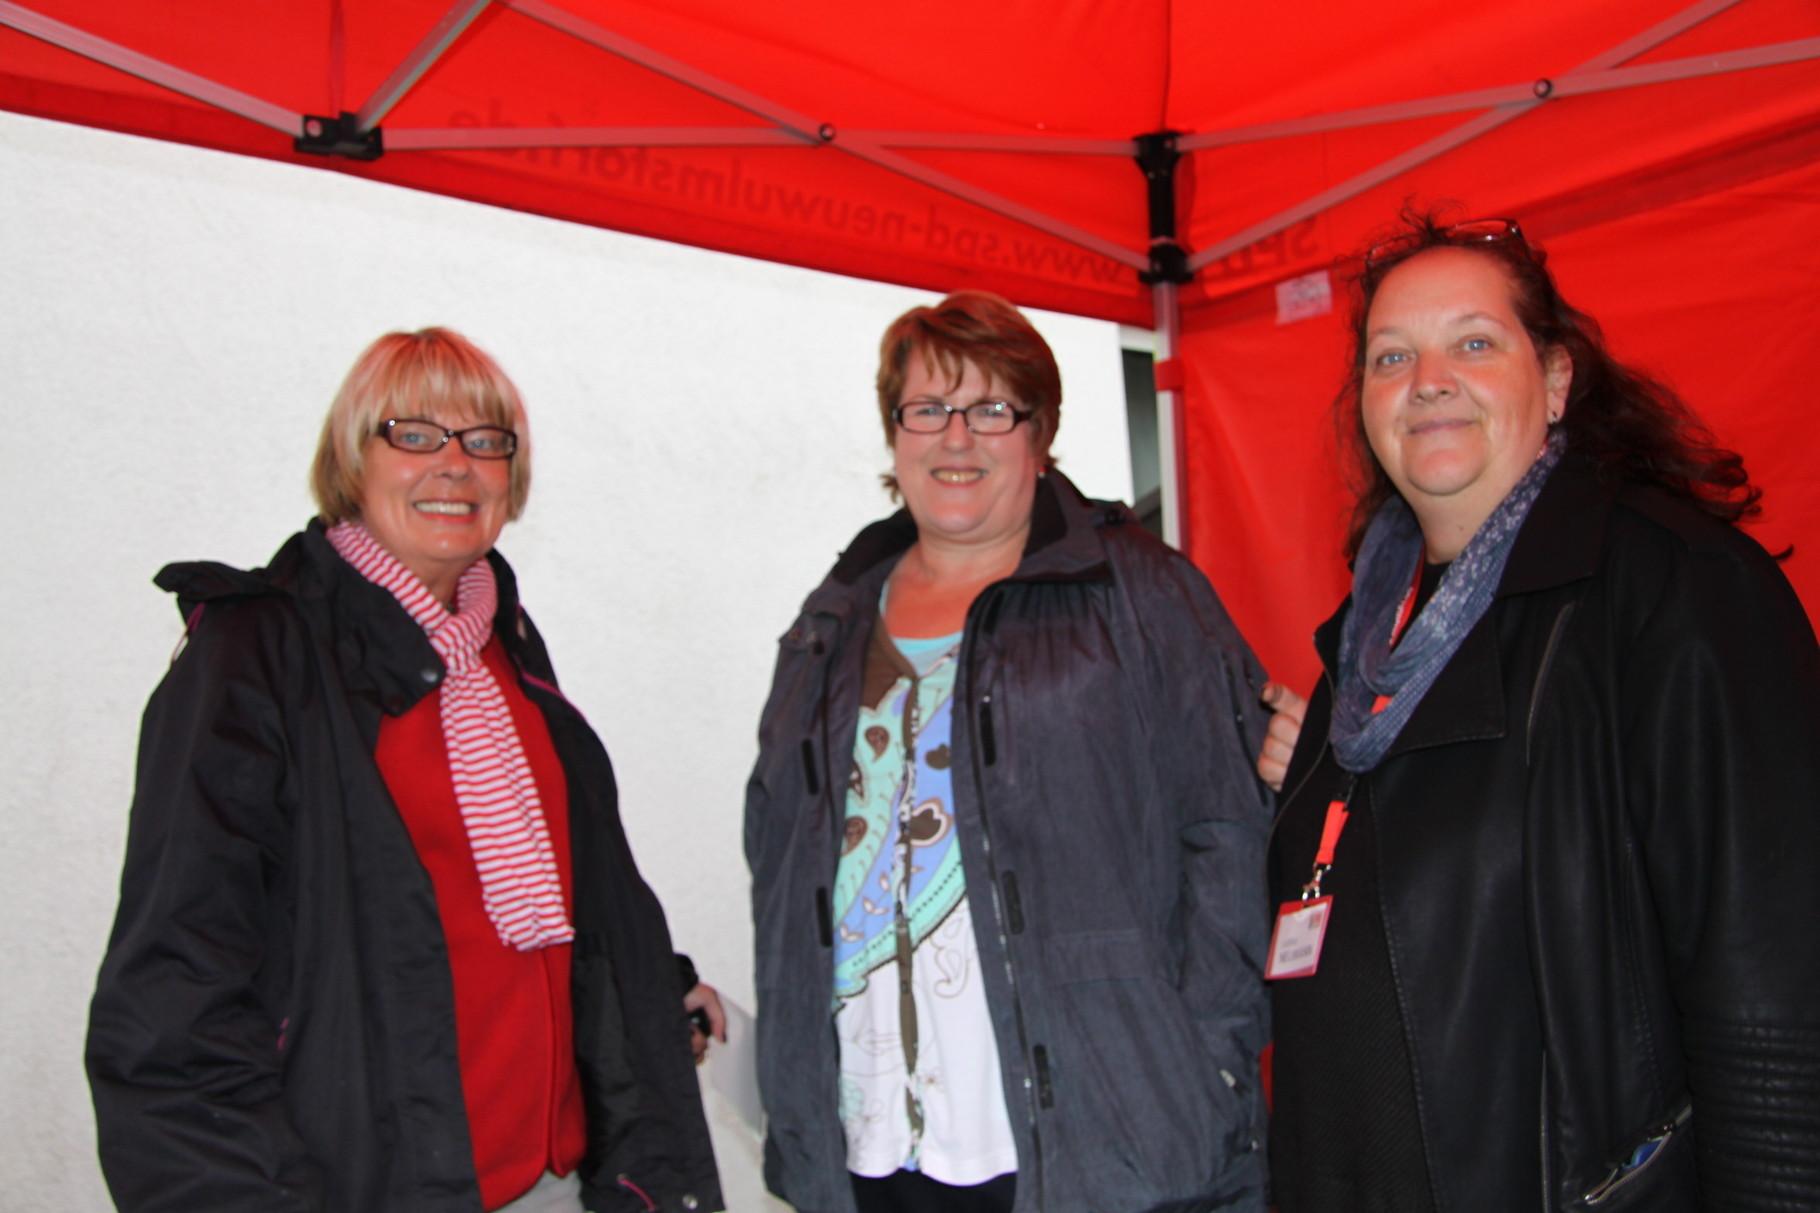 ste..v. Bürgermeisterin Rosy Schnack (SPD), Mitte, im Gespräch mit Sylvia Karasch (li.) und Sabine Neumann (SPD)